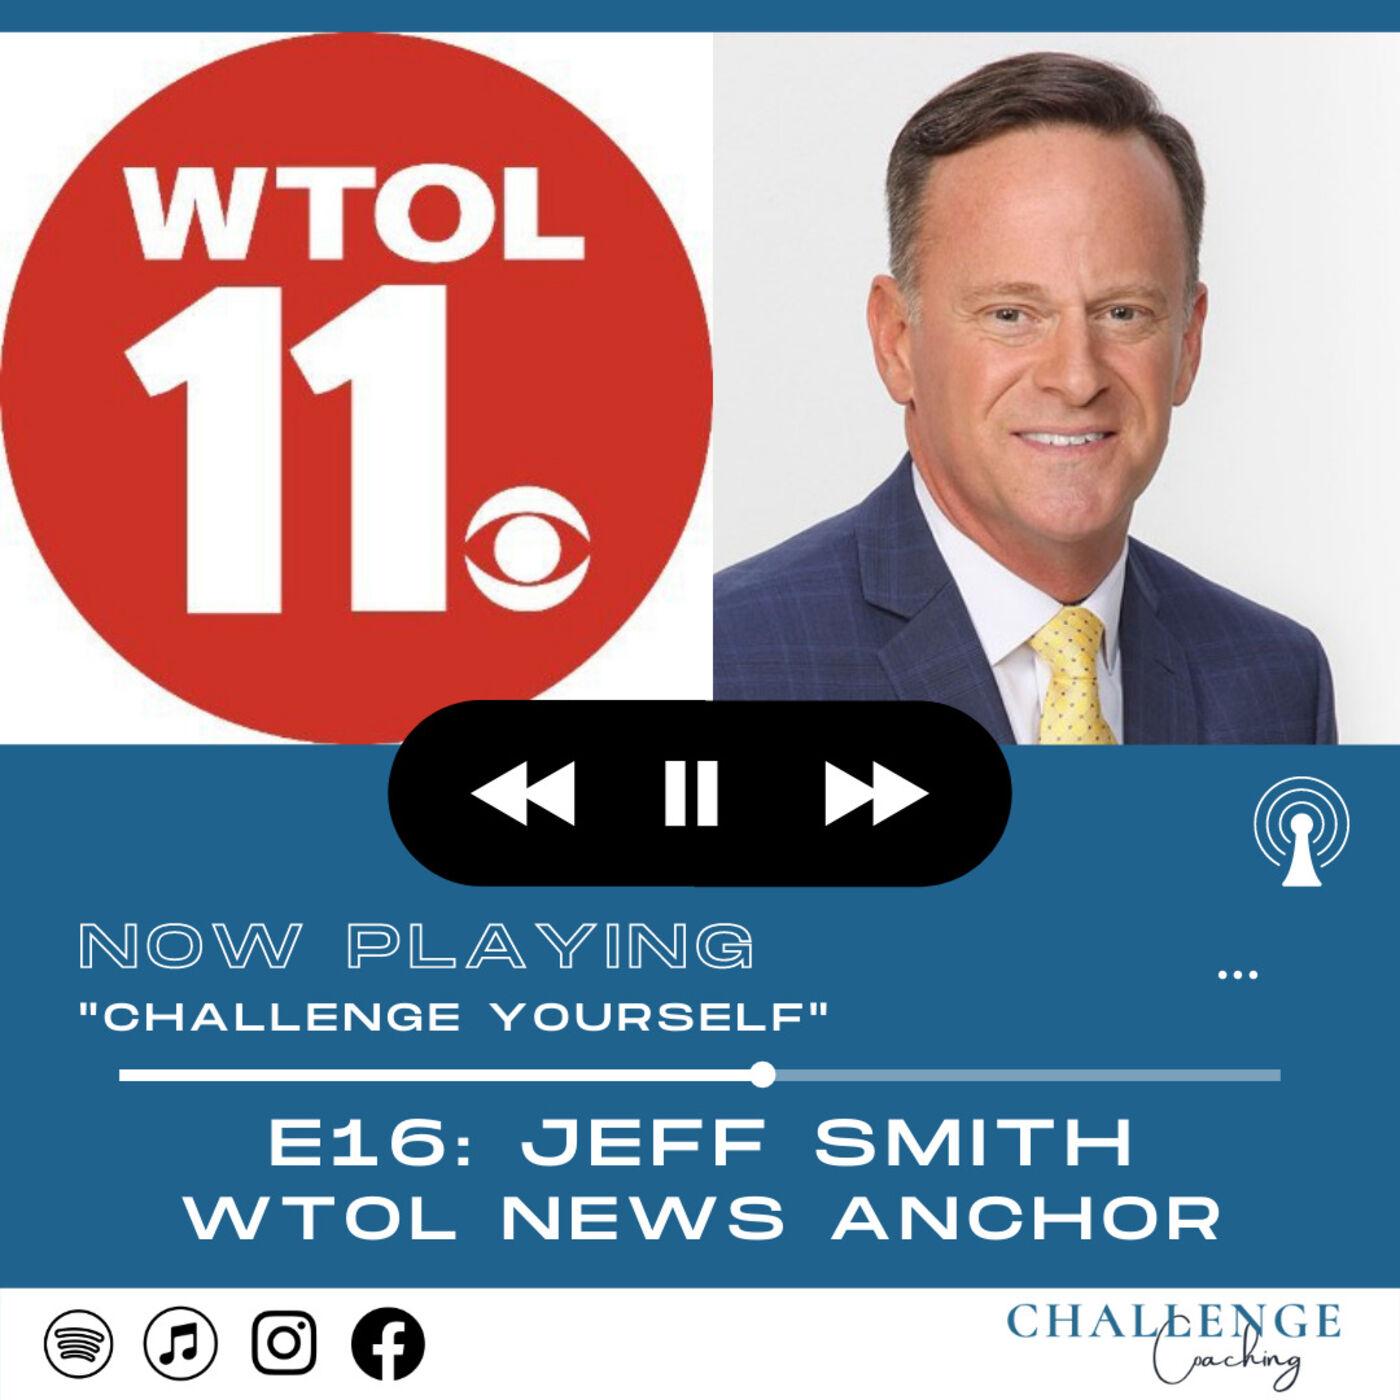 E16: Jeff Smith: WTOL News Anchor